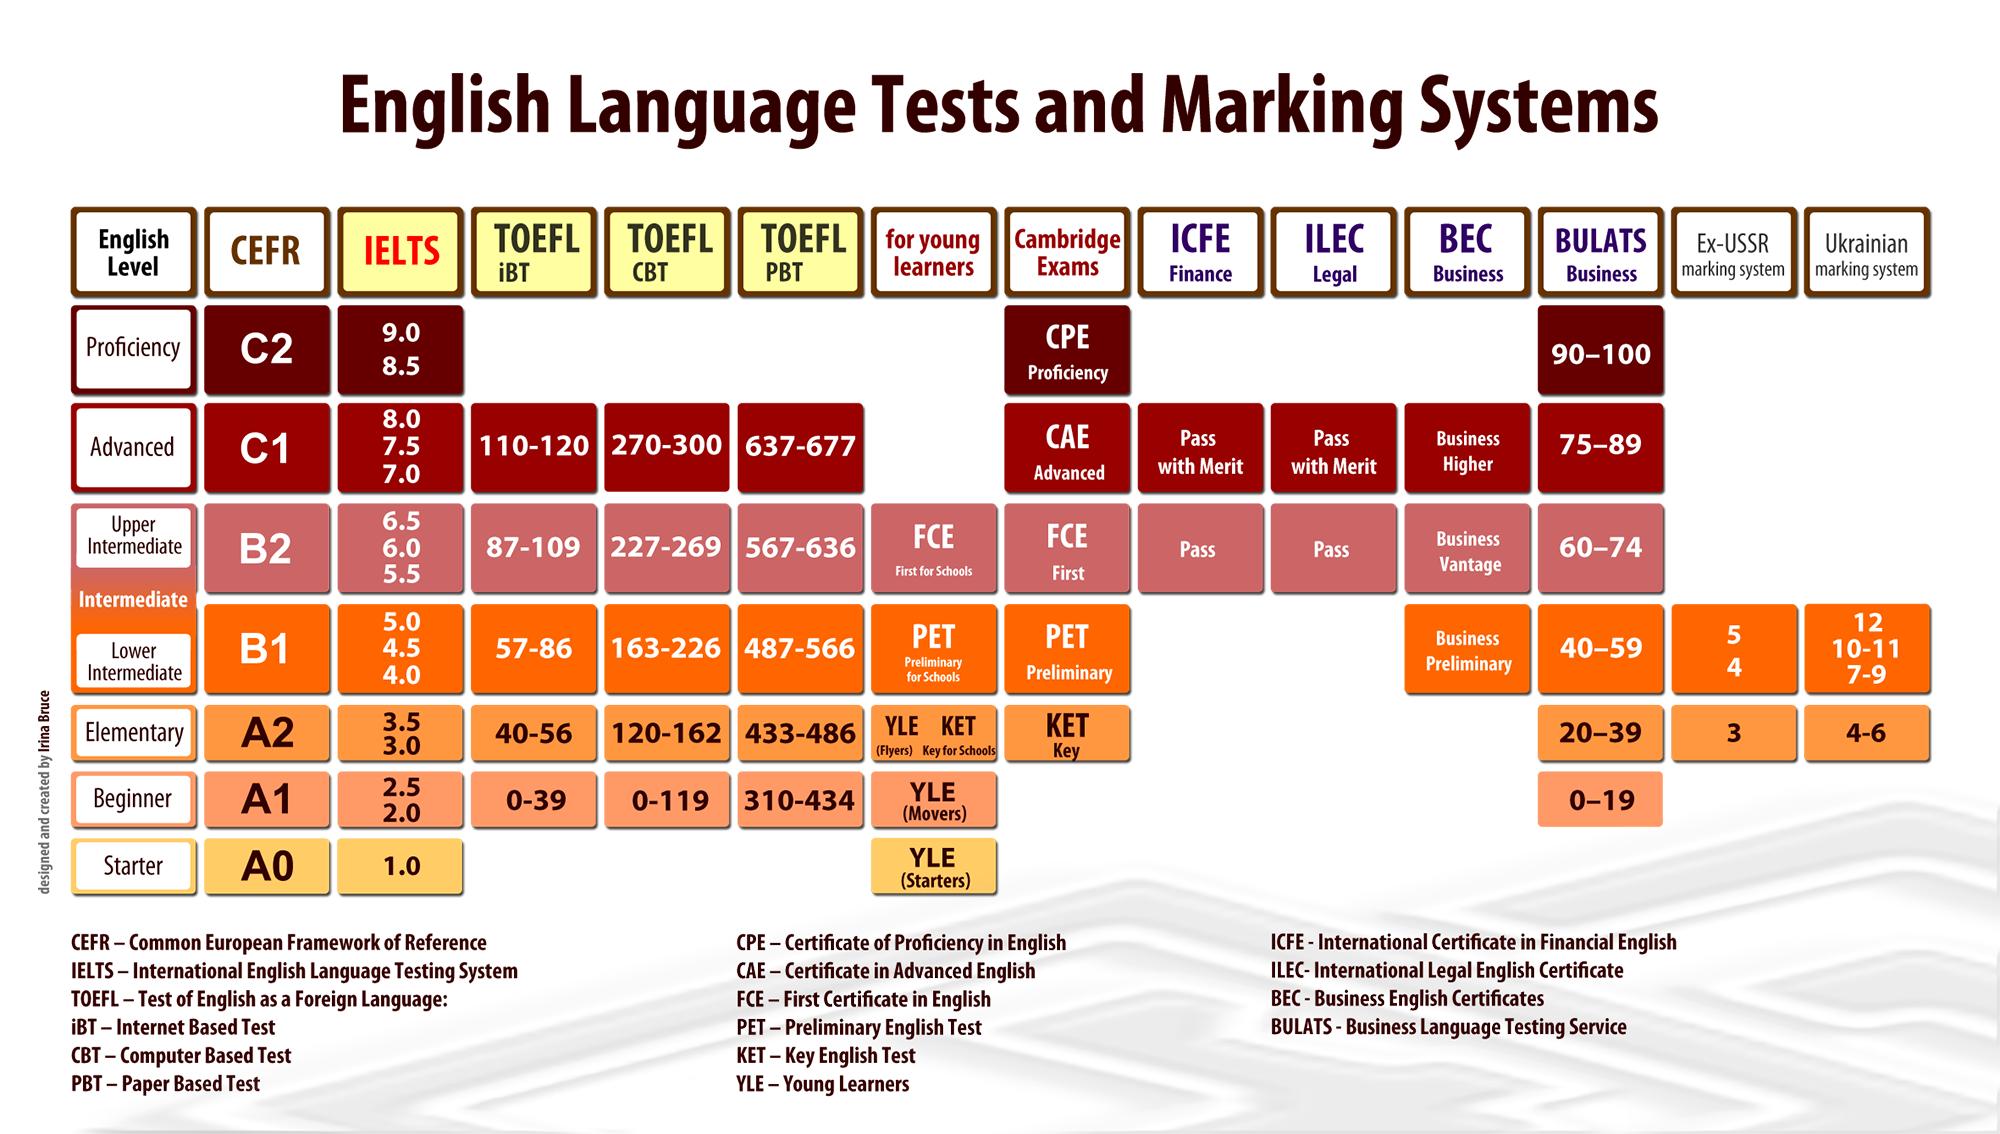 Международная шкала уровней и их соответствие международным экзаменам. Чтобы поступить в Кембридж, уровень языка должен быть C1. Это значит, за экзамен IELTS нужно получить не меньше 7 баллов